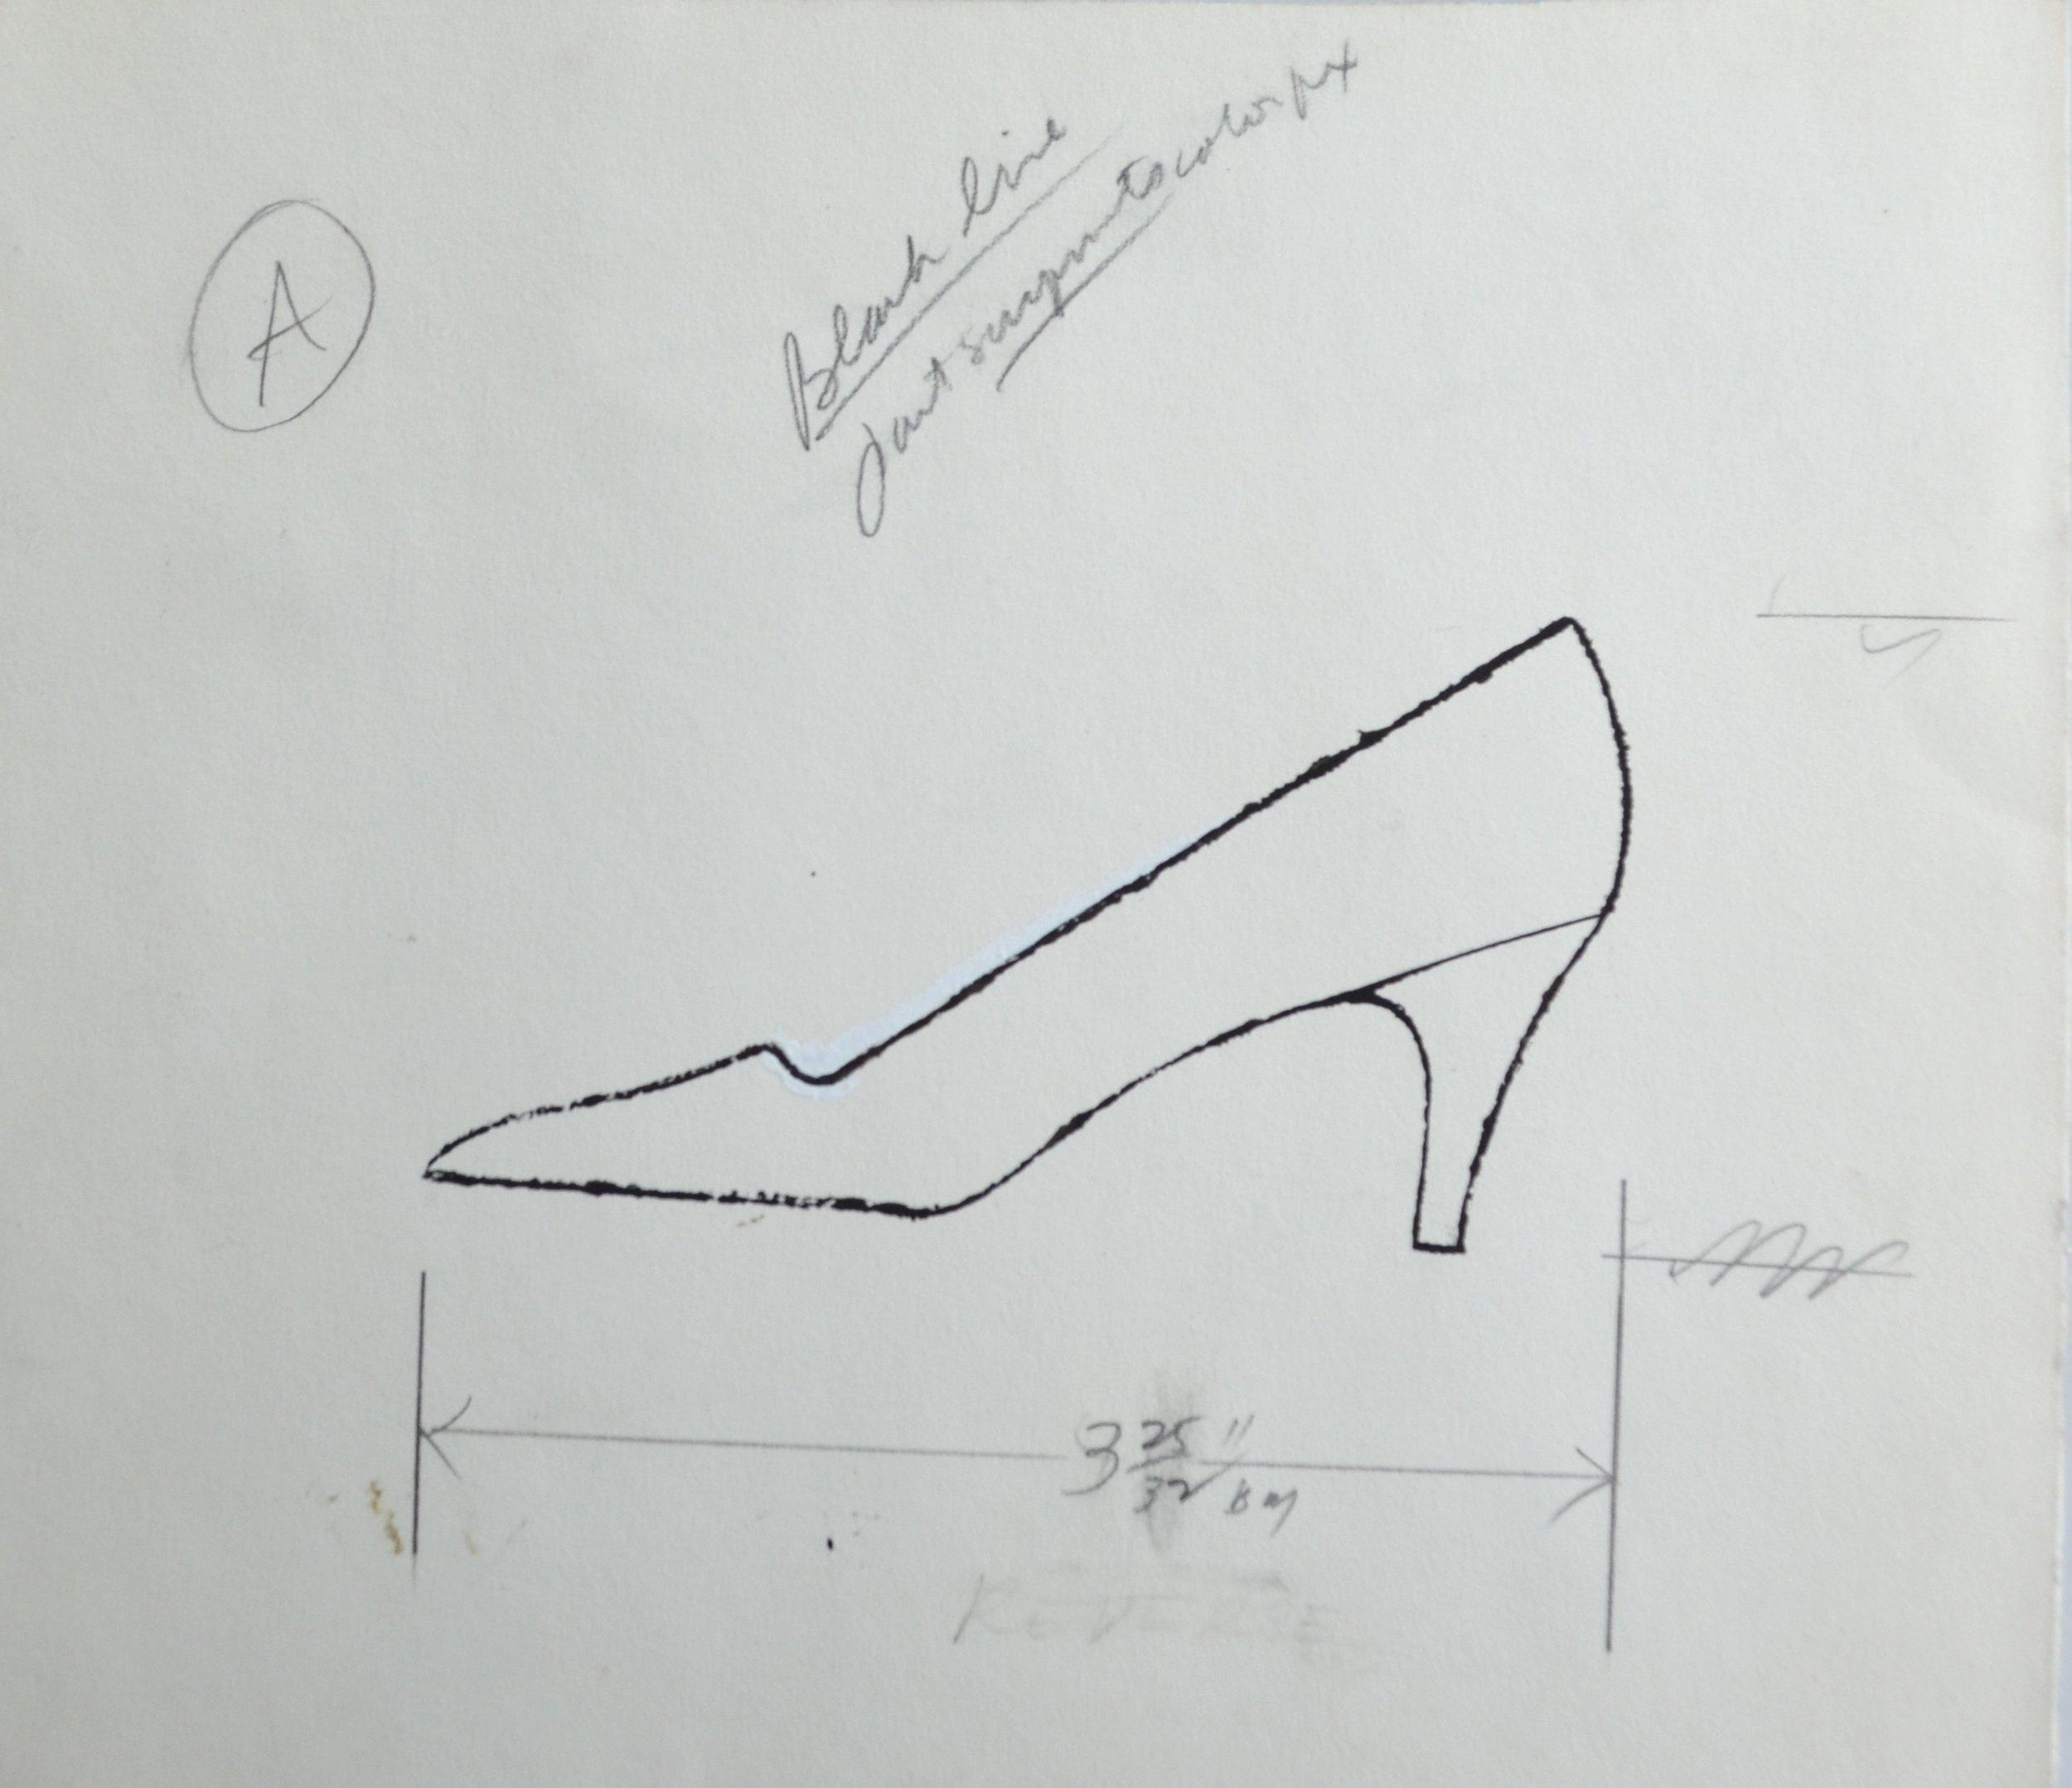 Andy Warhol - Shoe 343.194